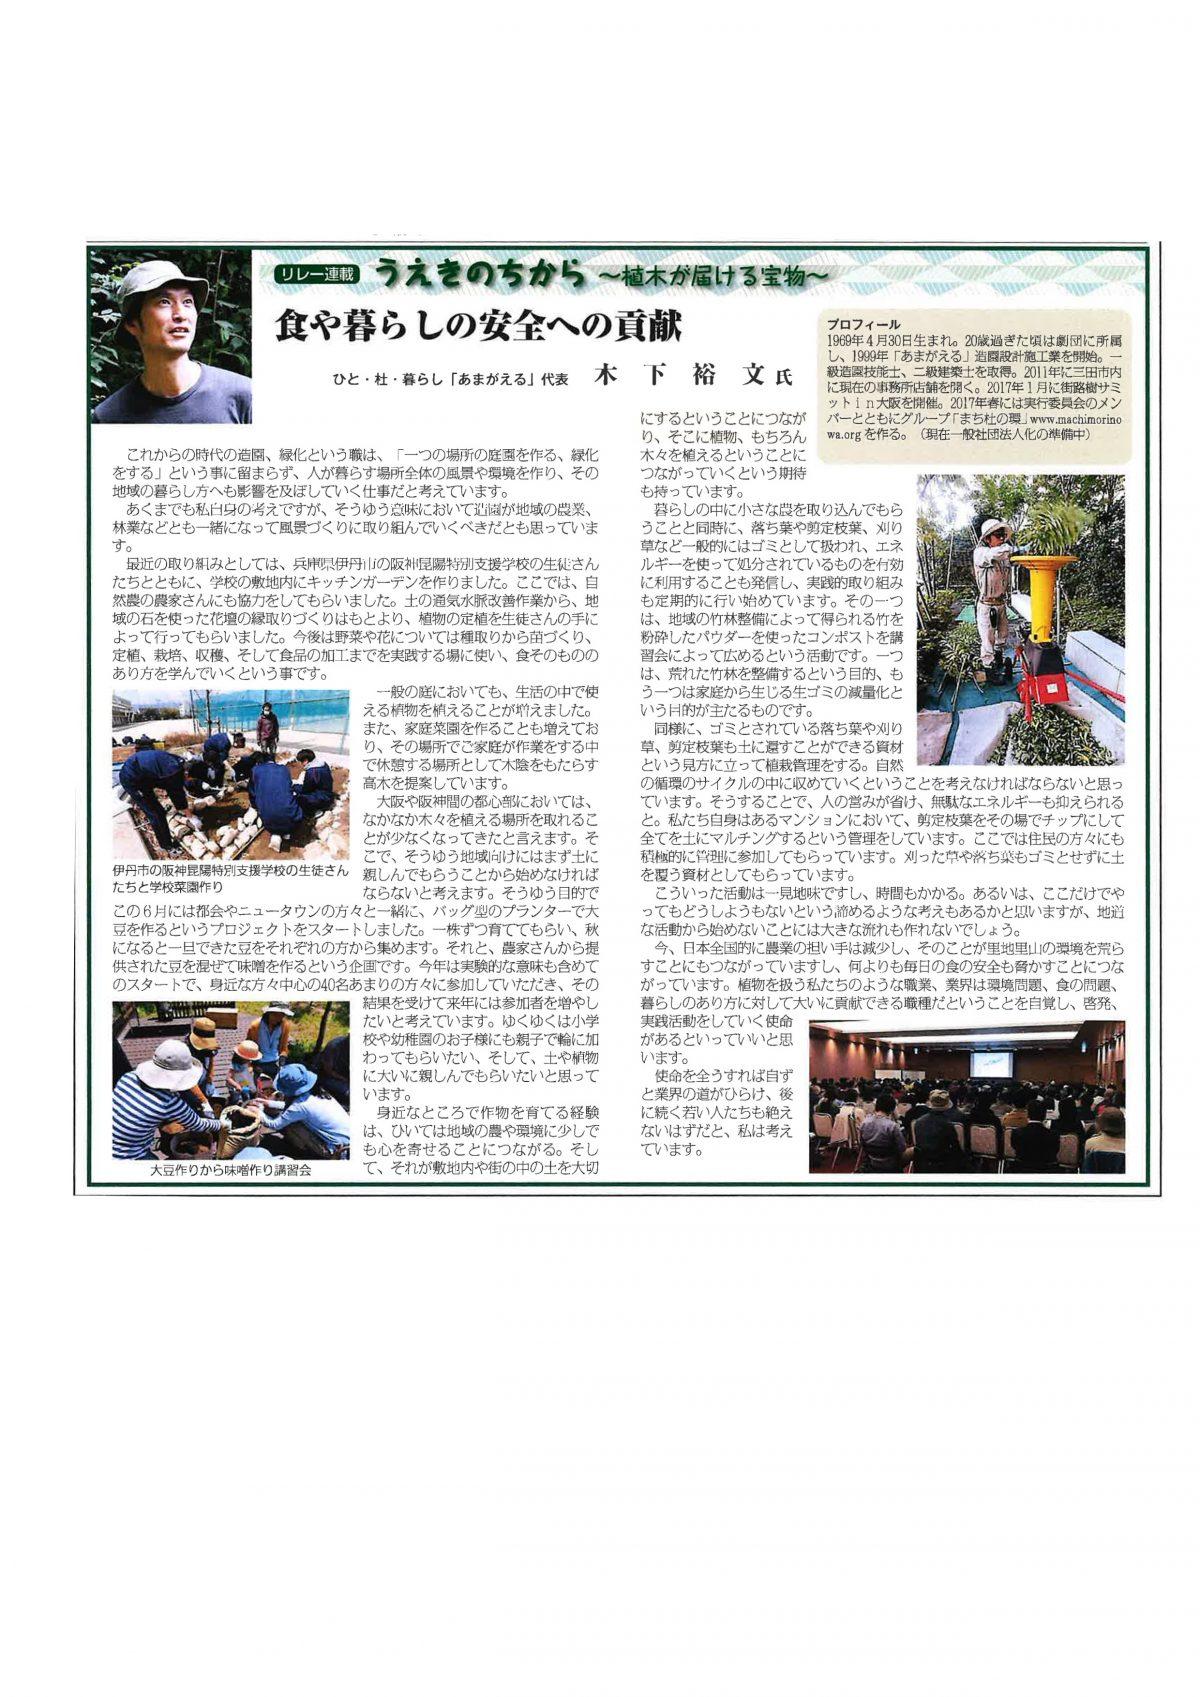 日本植木協会の会報への投稿